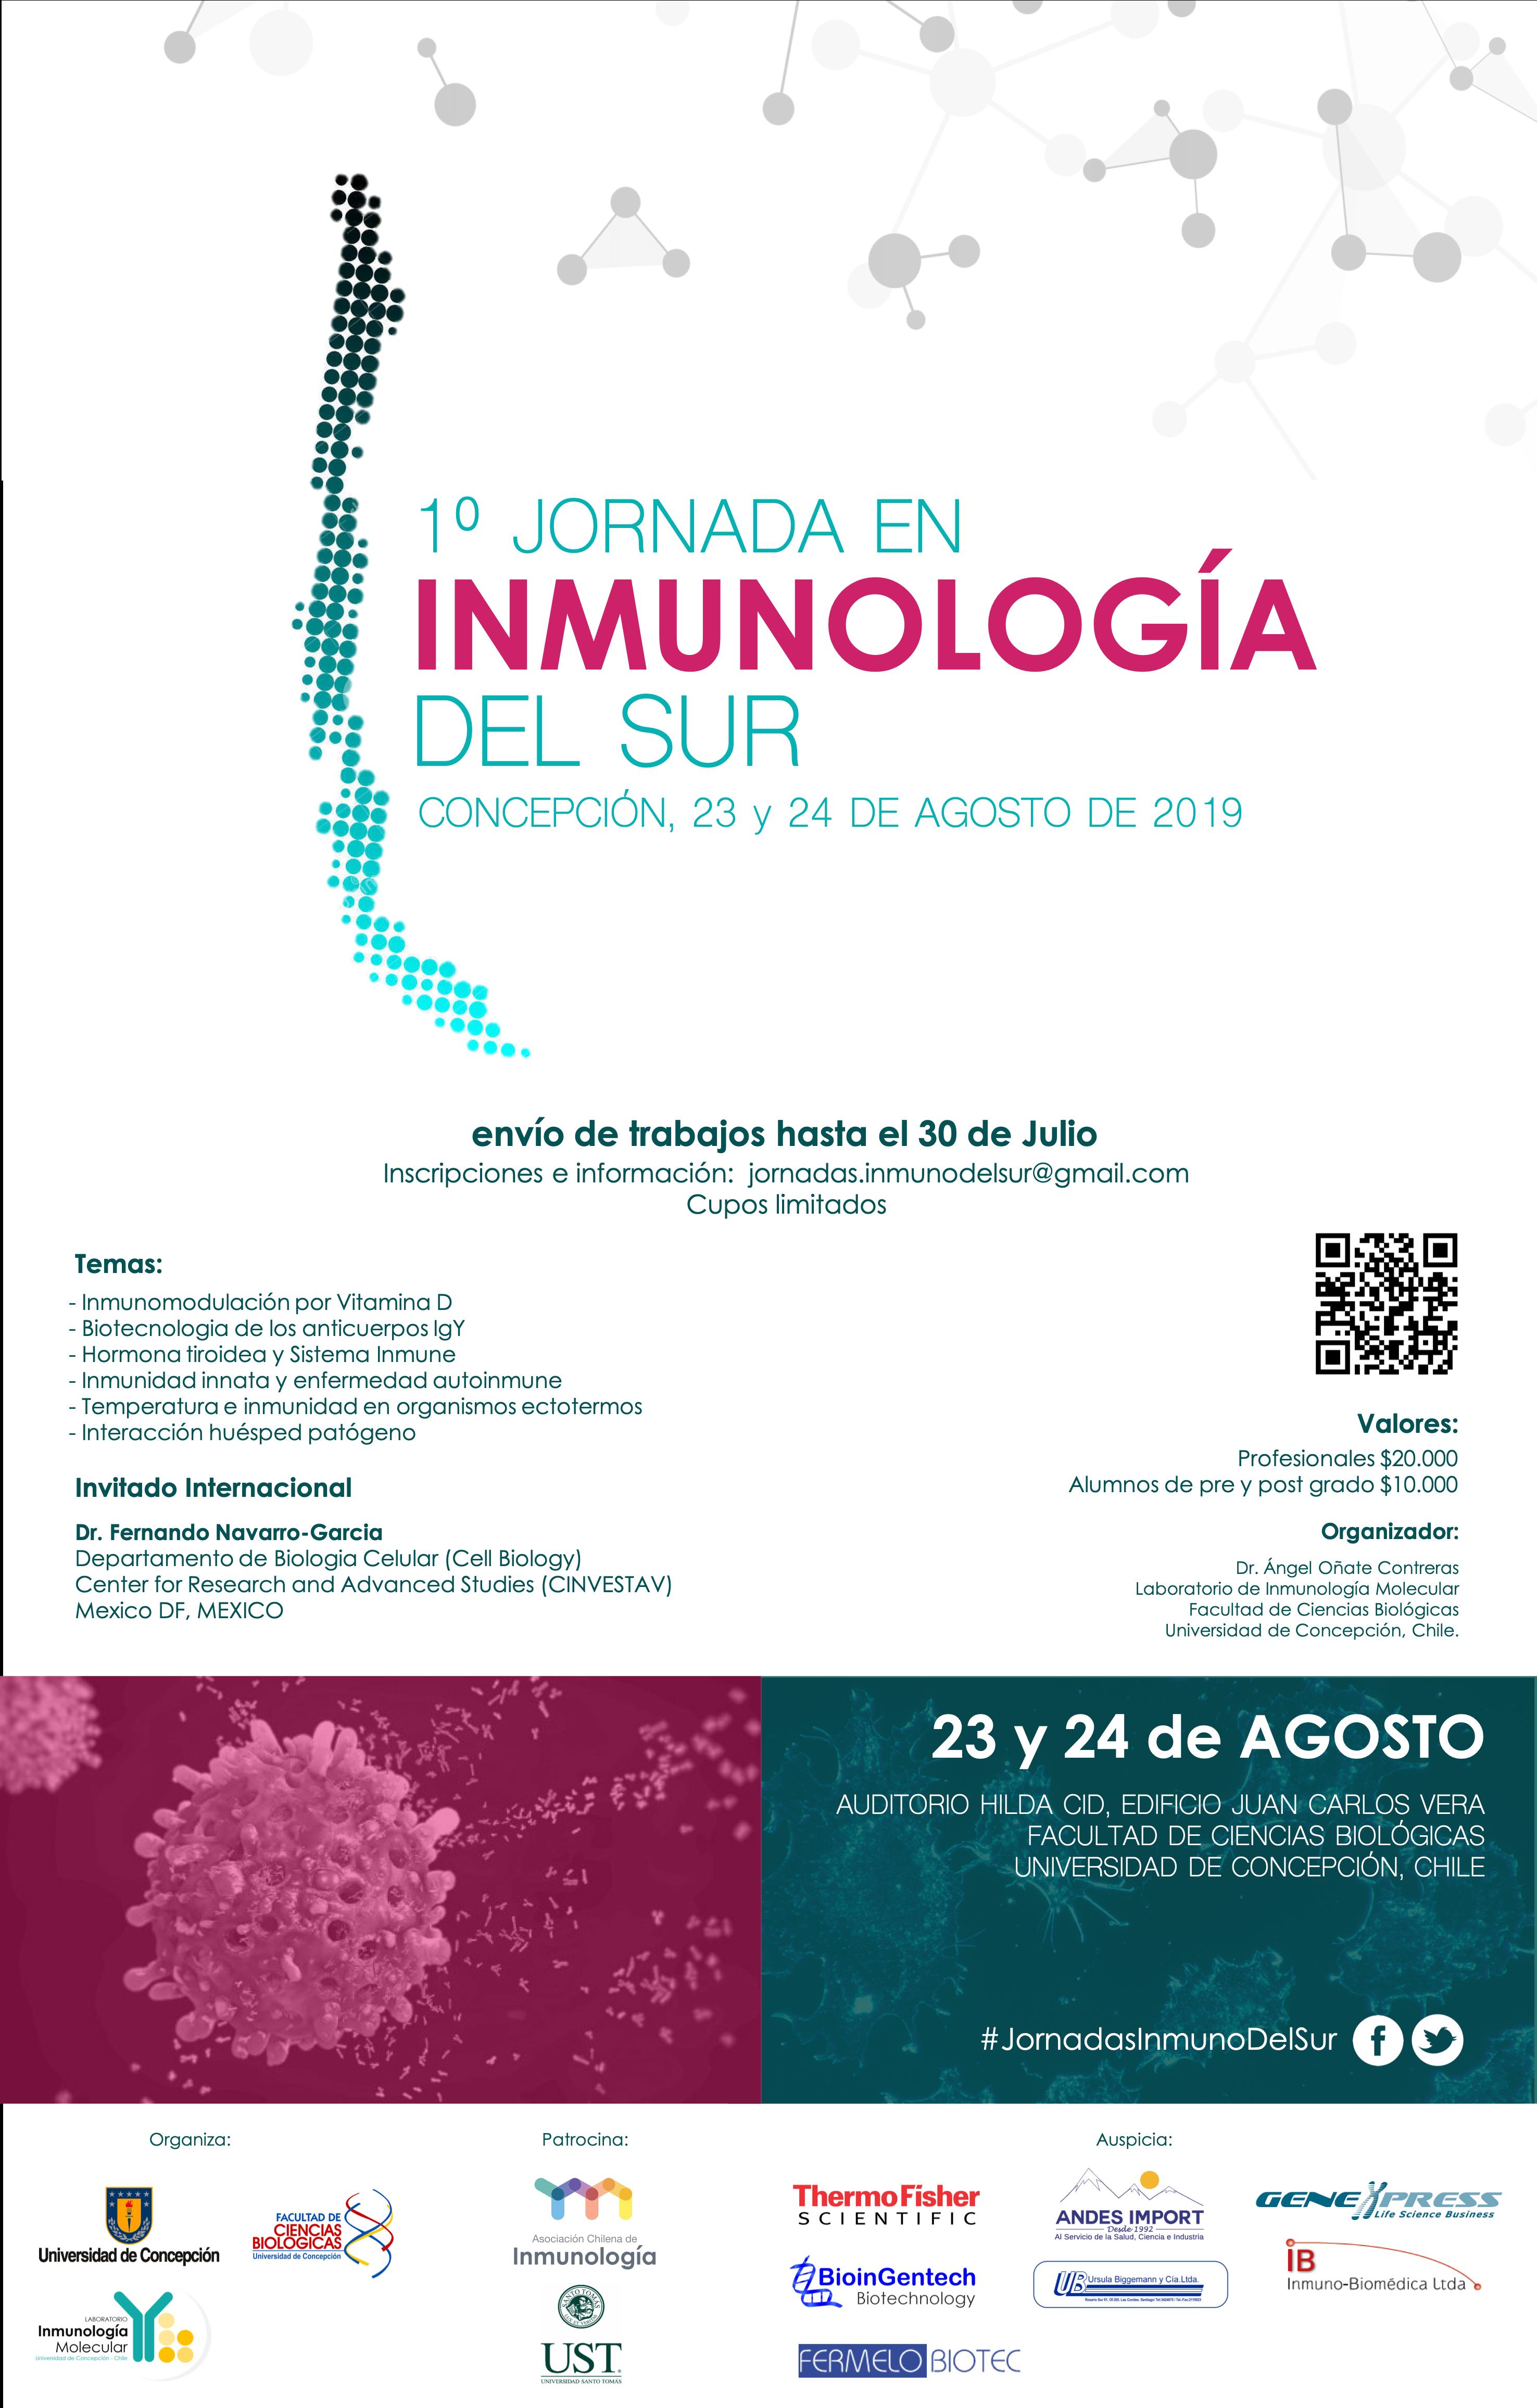 Jornadas de Inmunología del Sur graphic